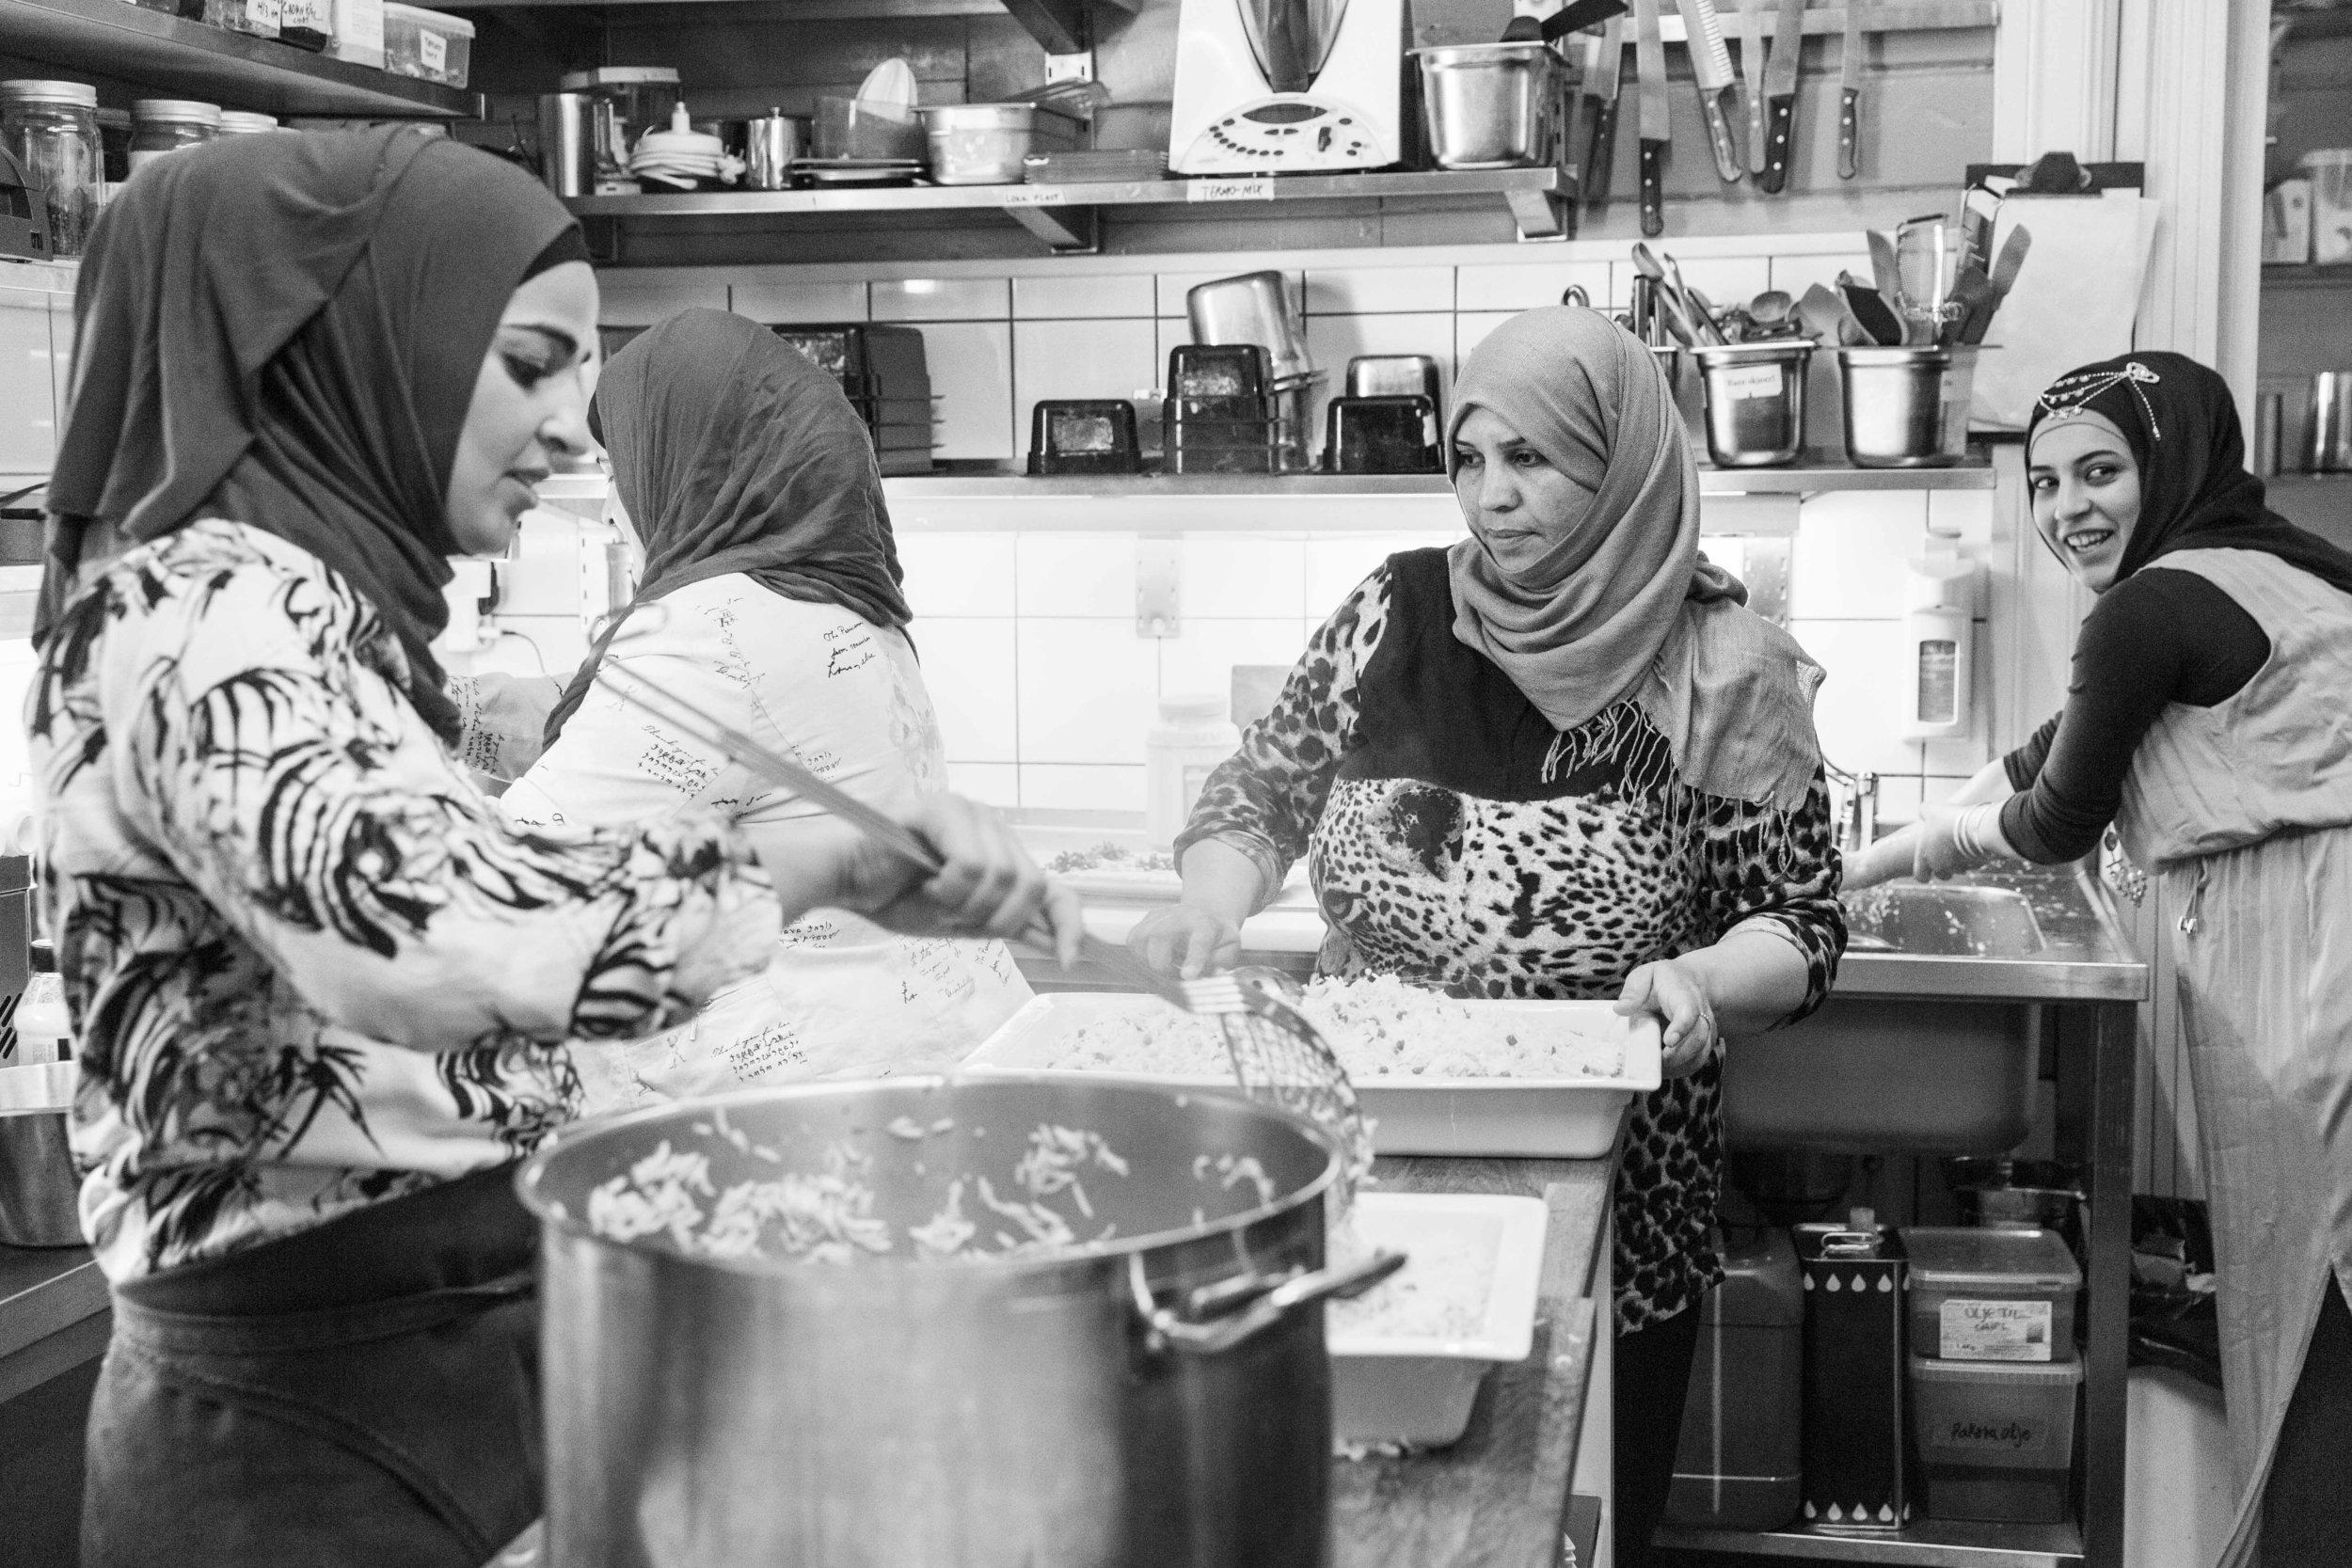 Et festlig samarbeid mellom syriske nesoddbydinger, Lokalkraft og Hellviktangen - med mat og dans!